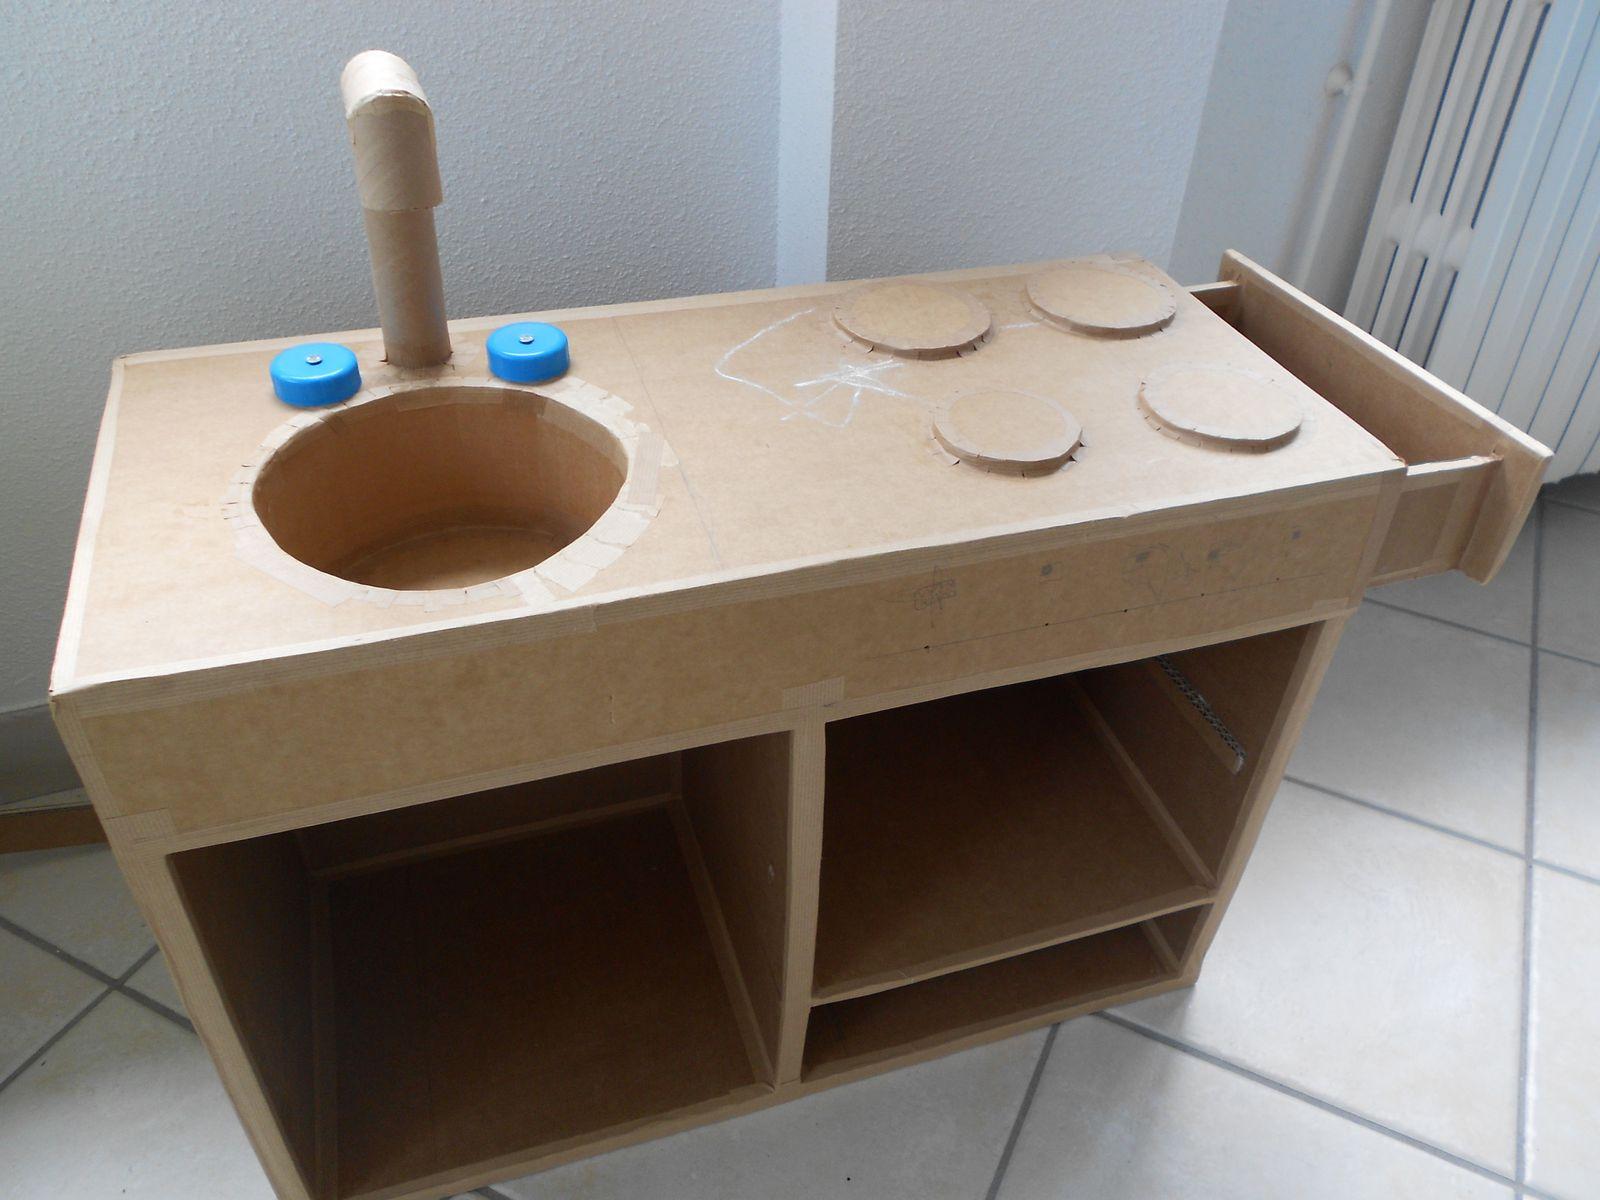 meubles enfants les cr ations en carton de st phanie. Black Bedroom Furniture Sets. Home Design Ideas